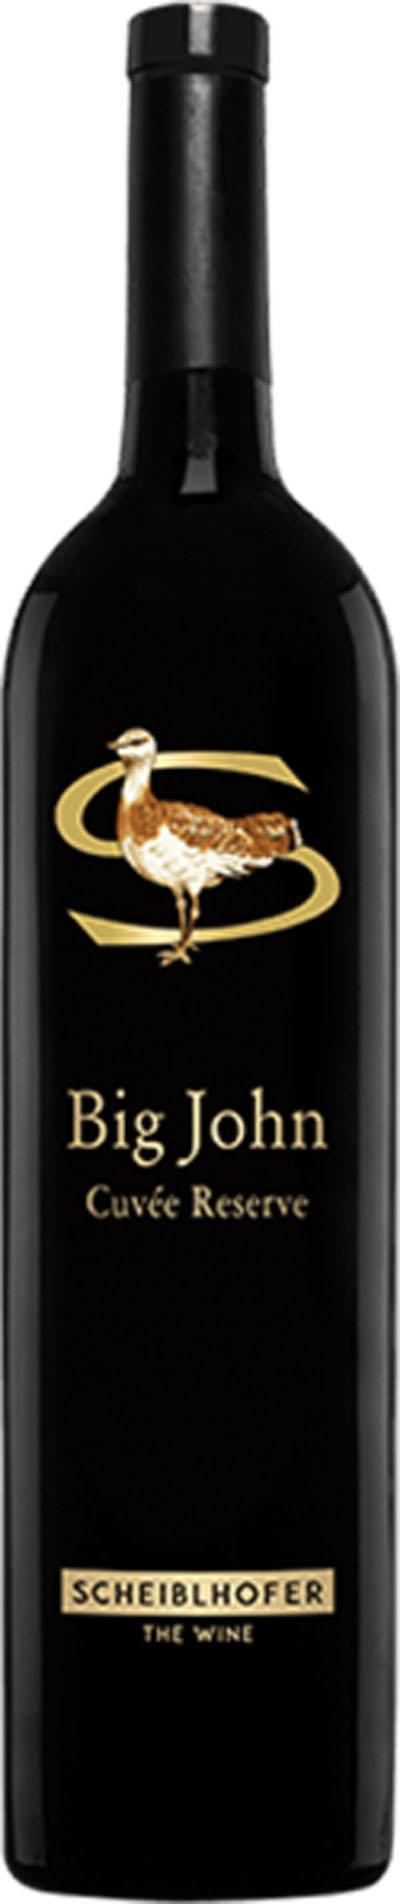 Cuvee Big John Reserve 2019 / Scheiblhofer Johann